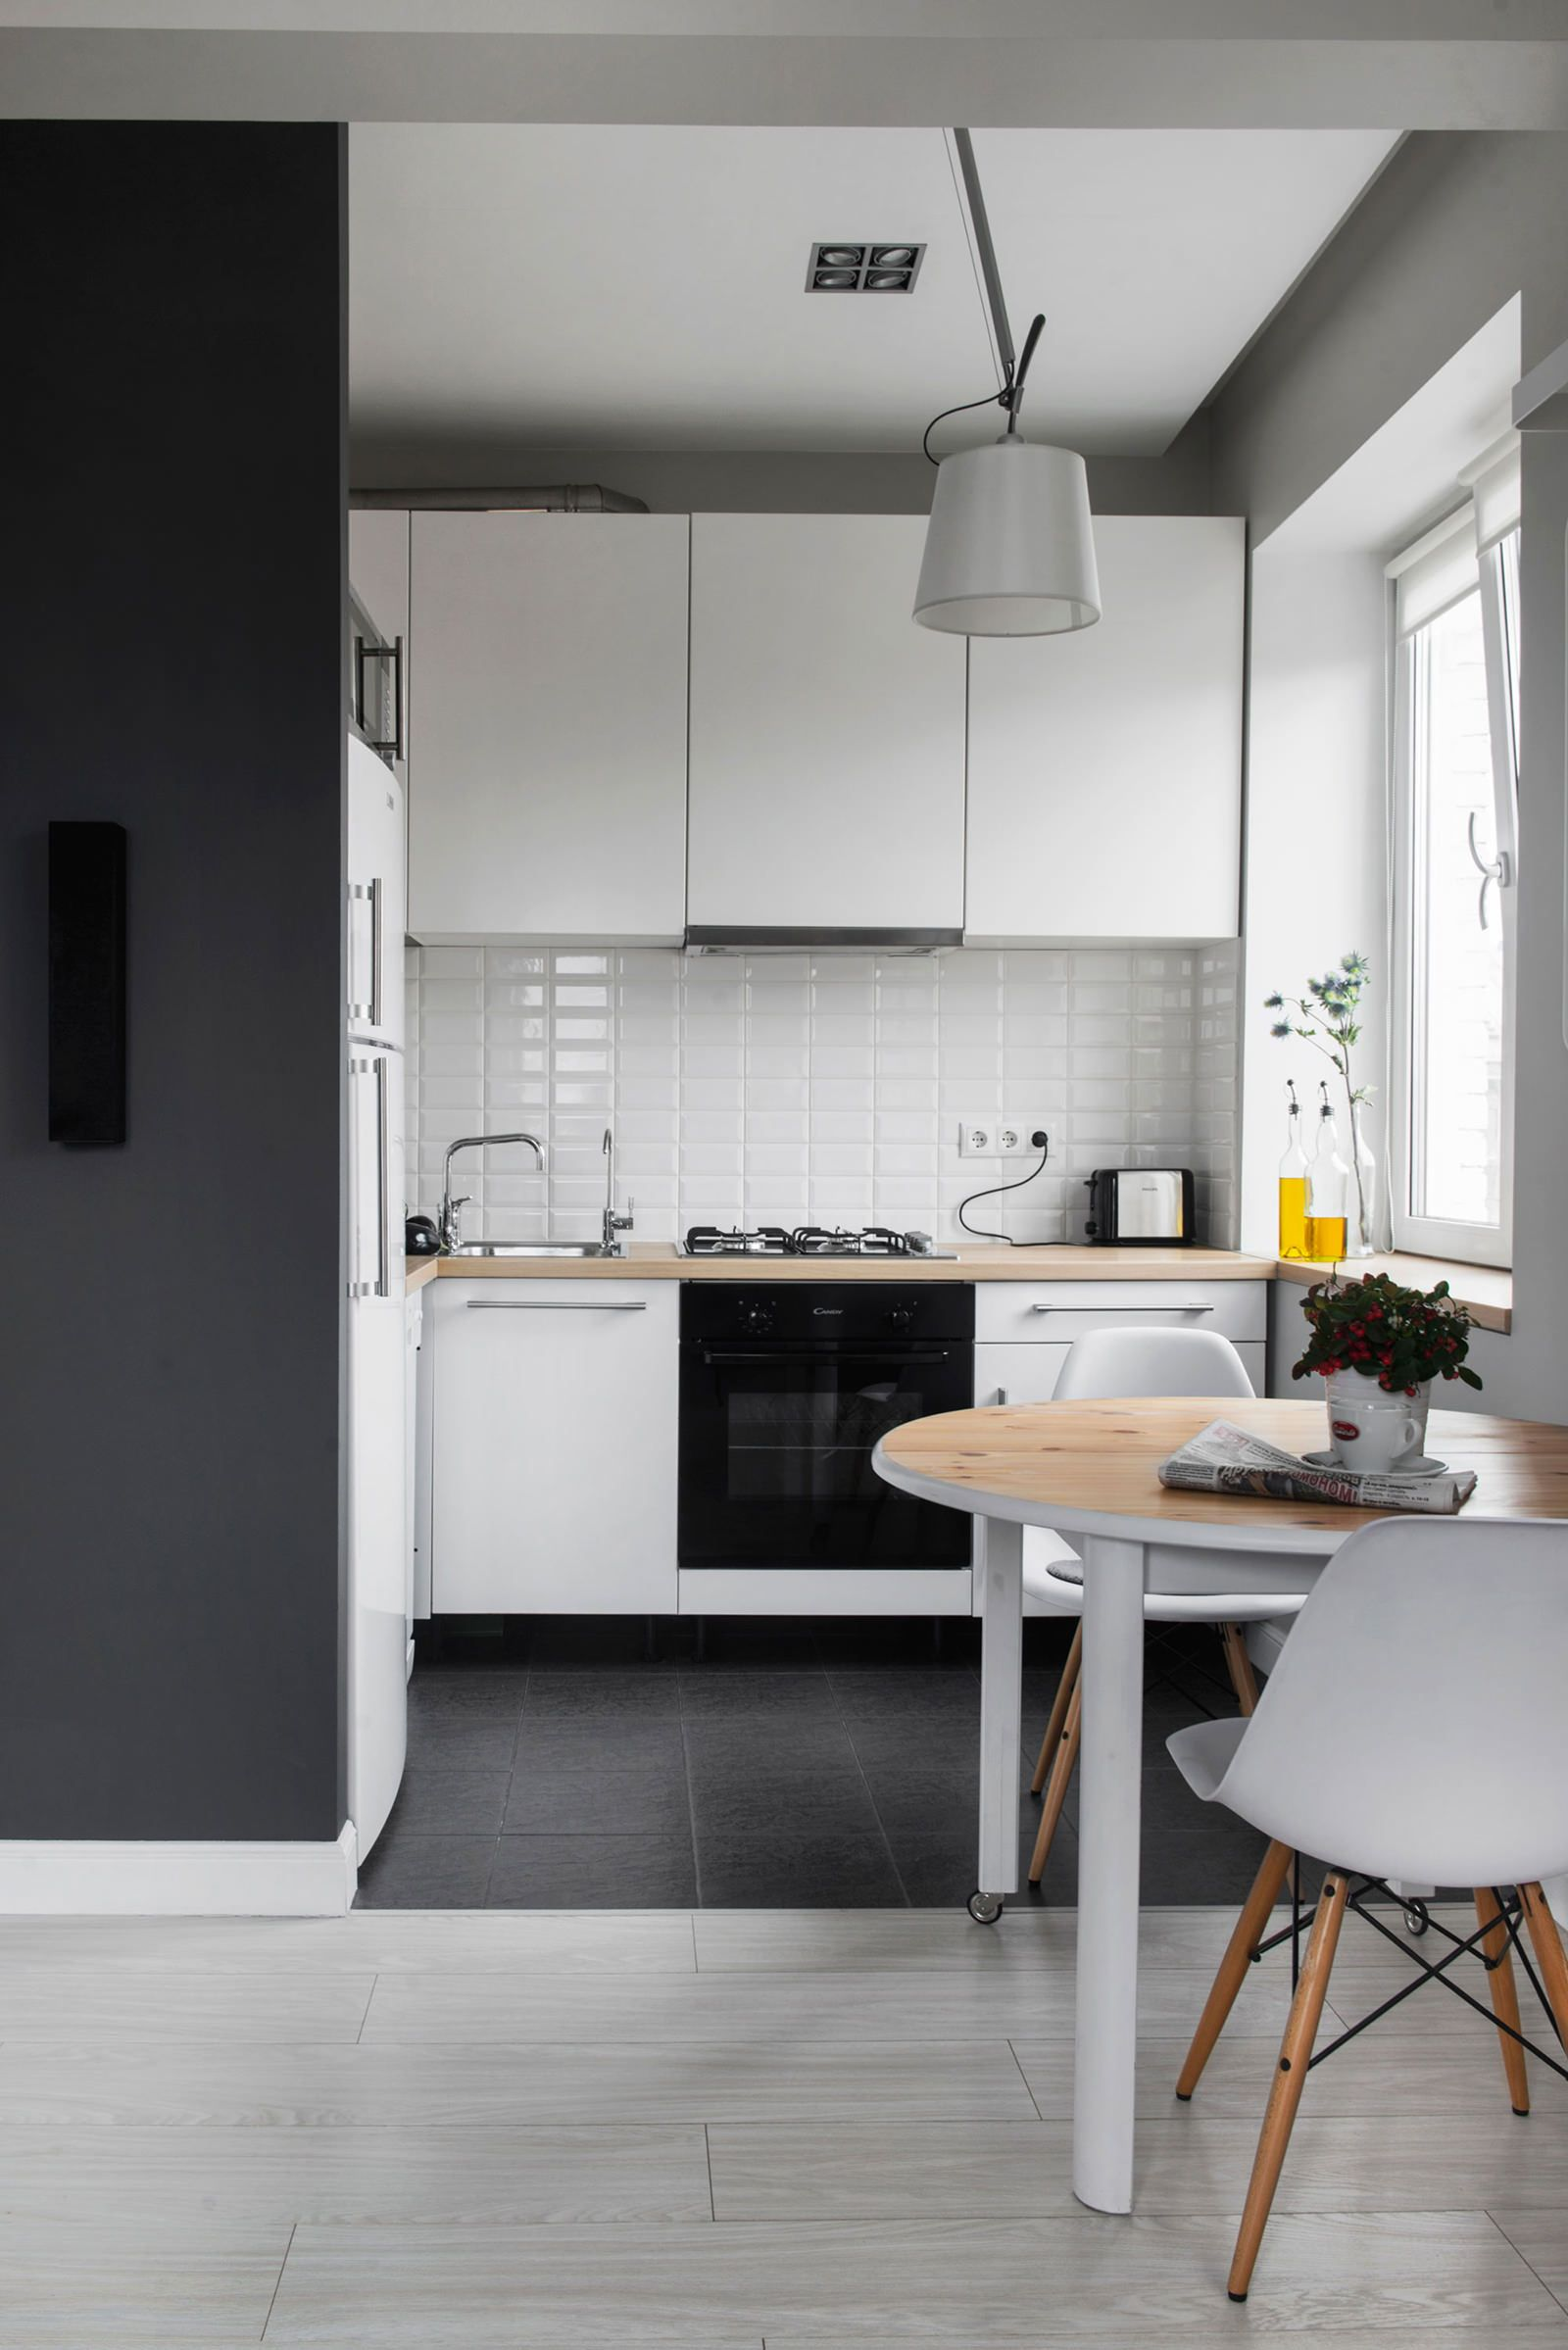 белая кухня в дизайне студии в хрущевке дизайн интерьера